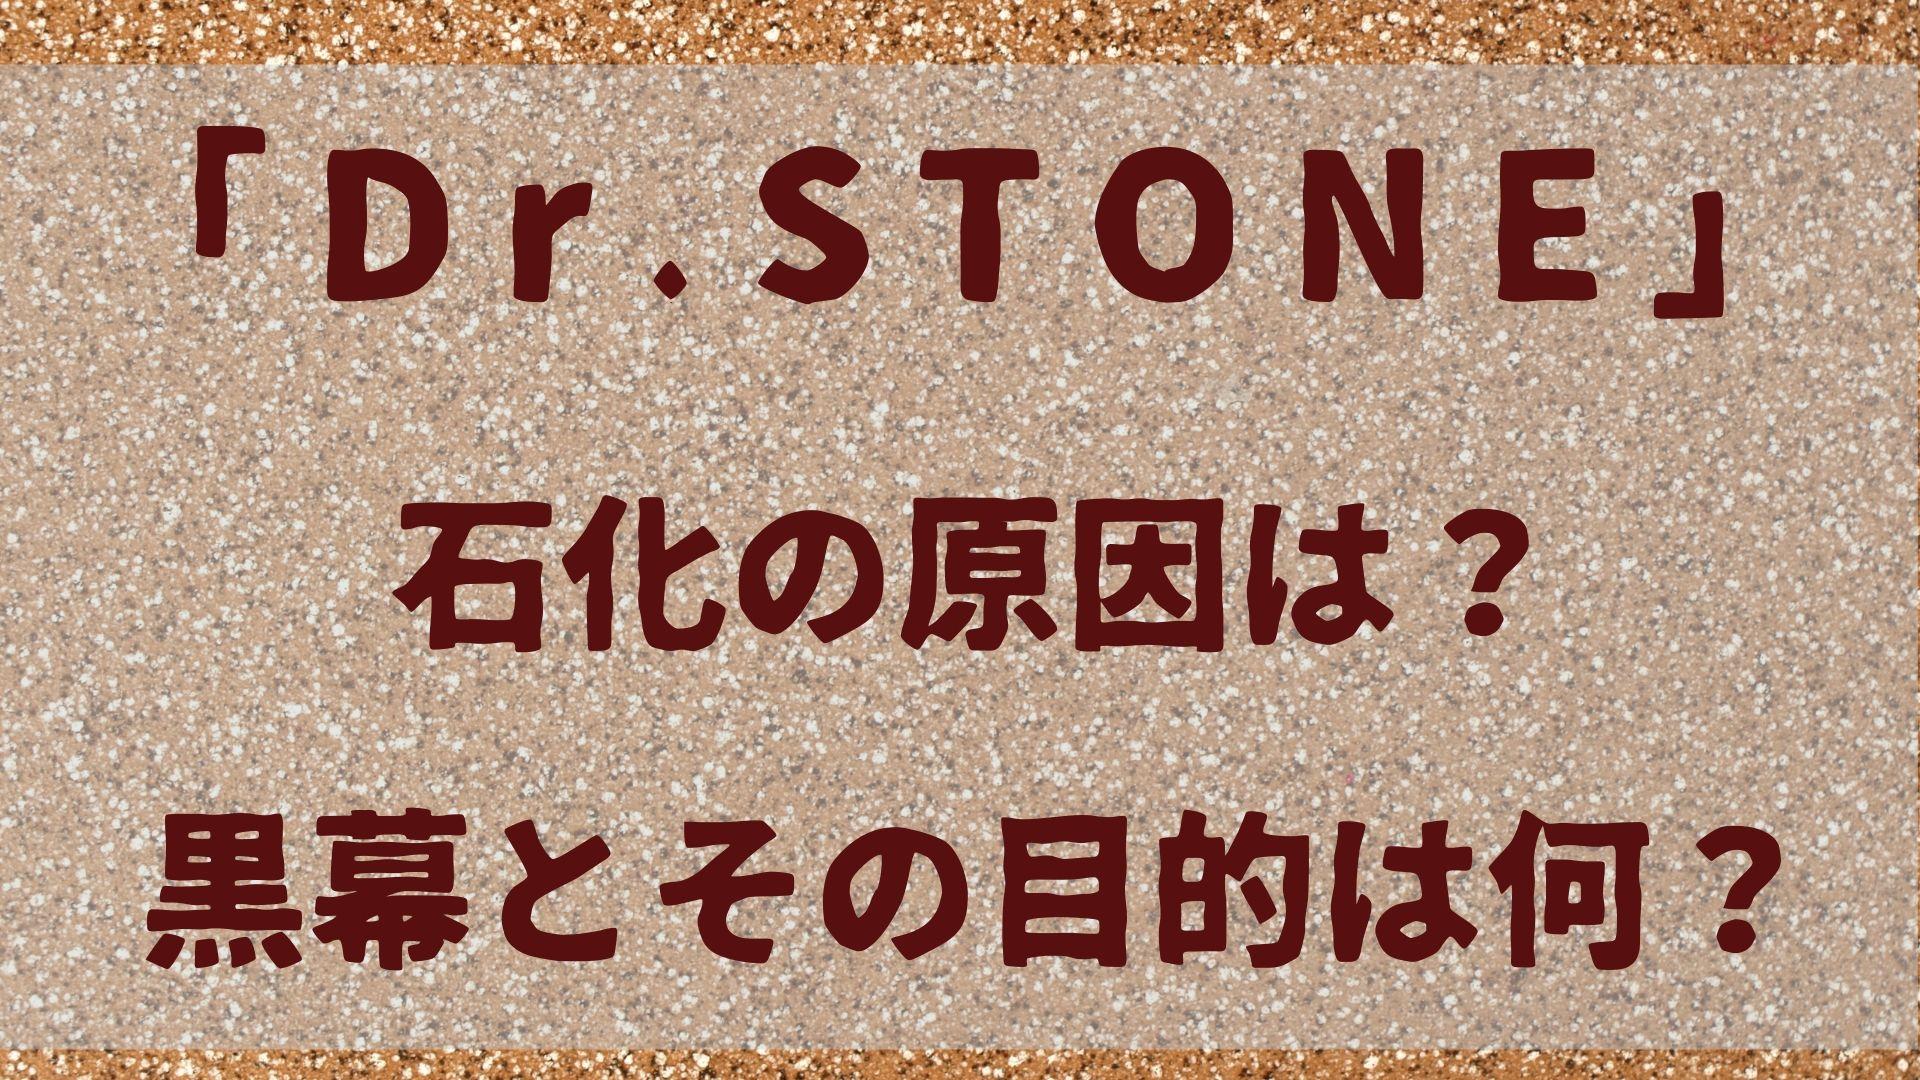 「ドクターストーン」石化の原因は?黒幕とその目的は何?